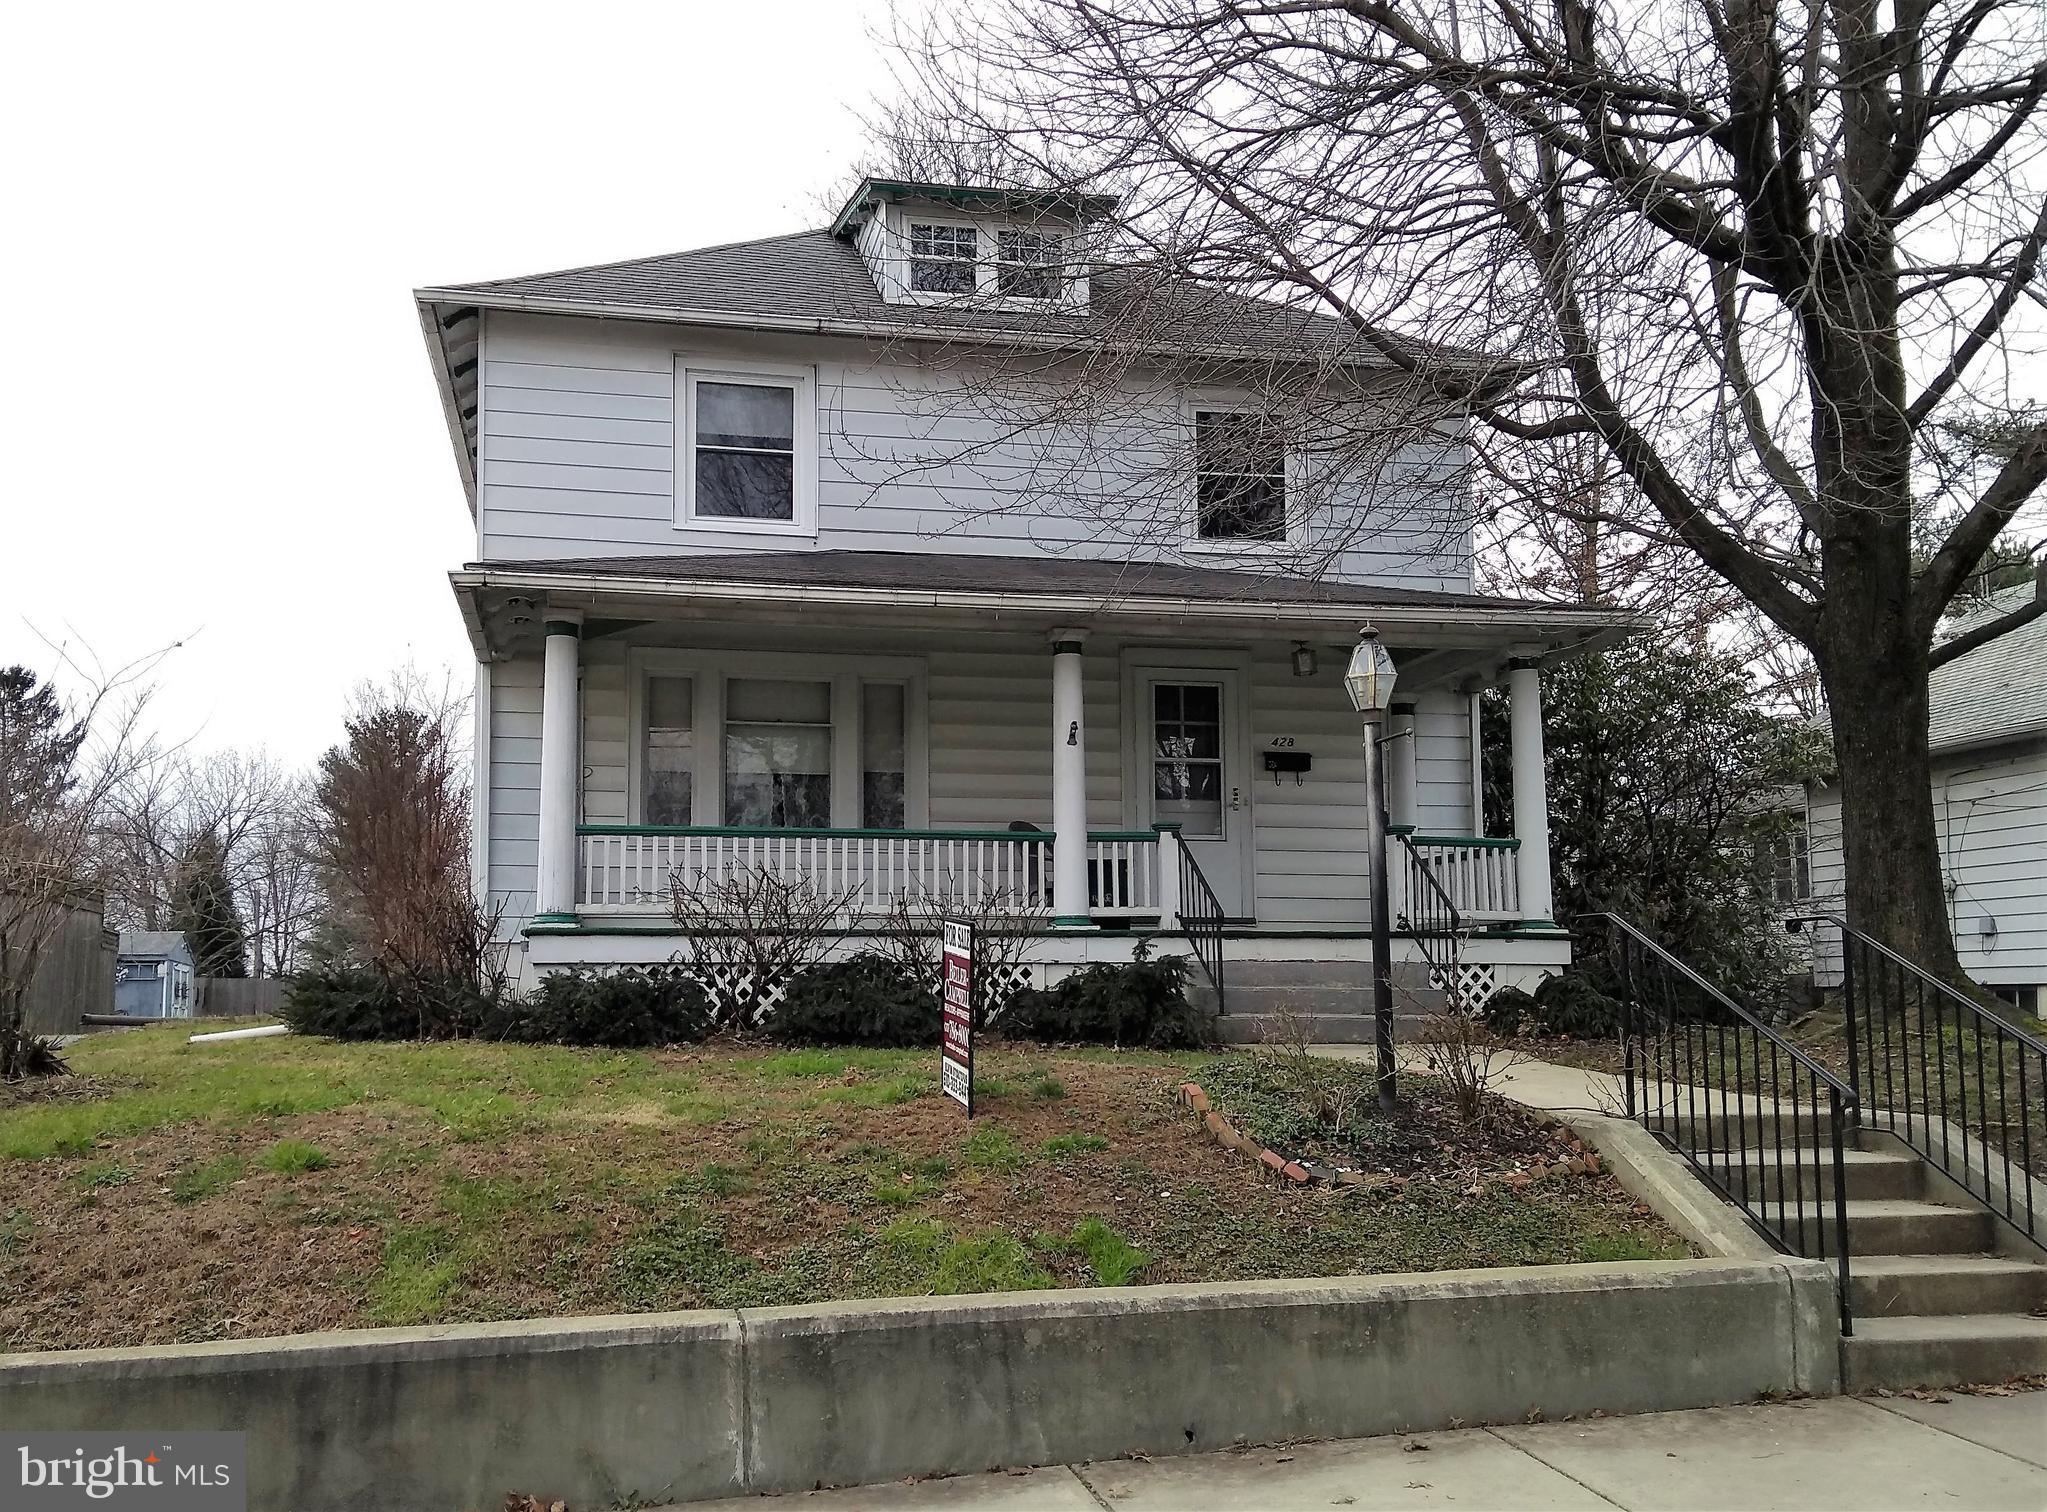 428 N Bridge St, Christiana, PA, 17509